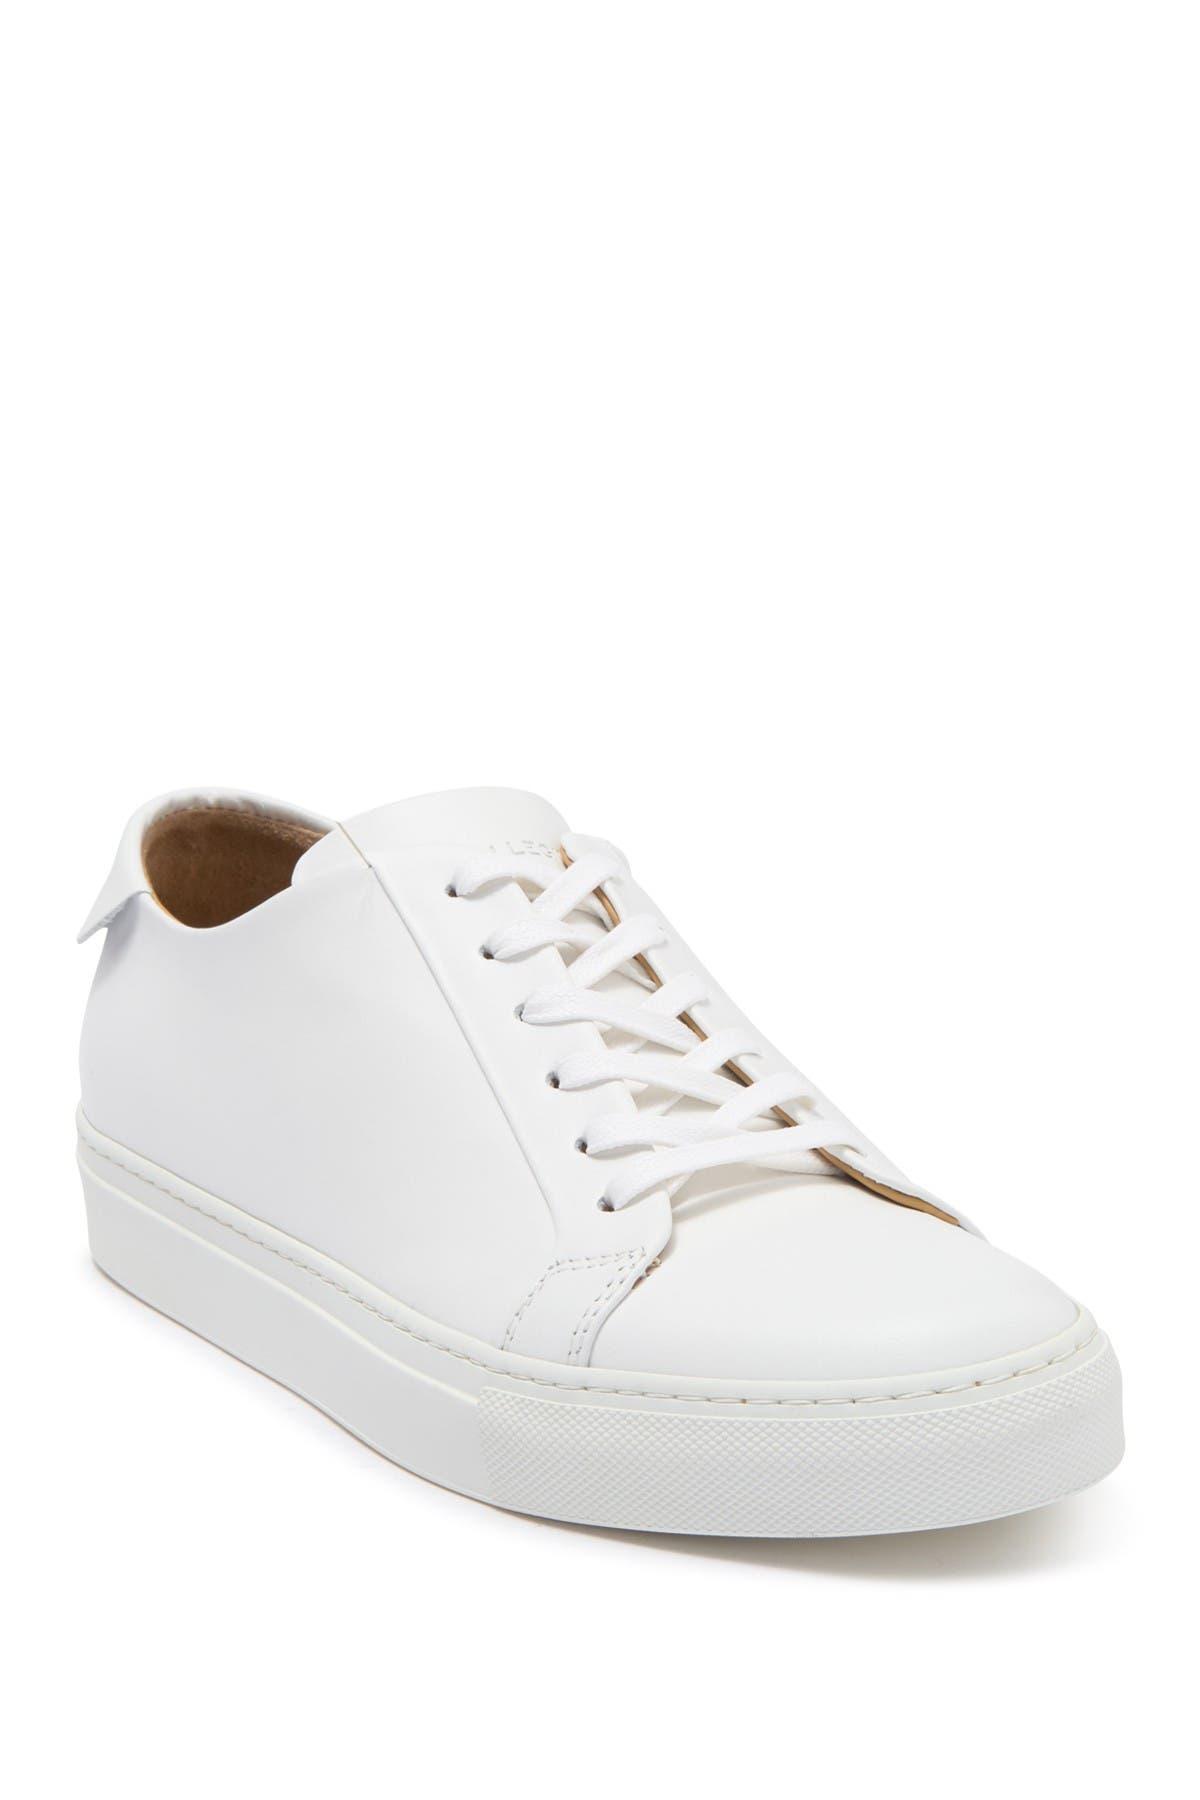 Image of Collegium Pillar Sneaker